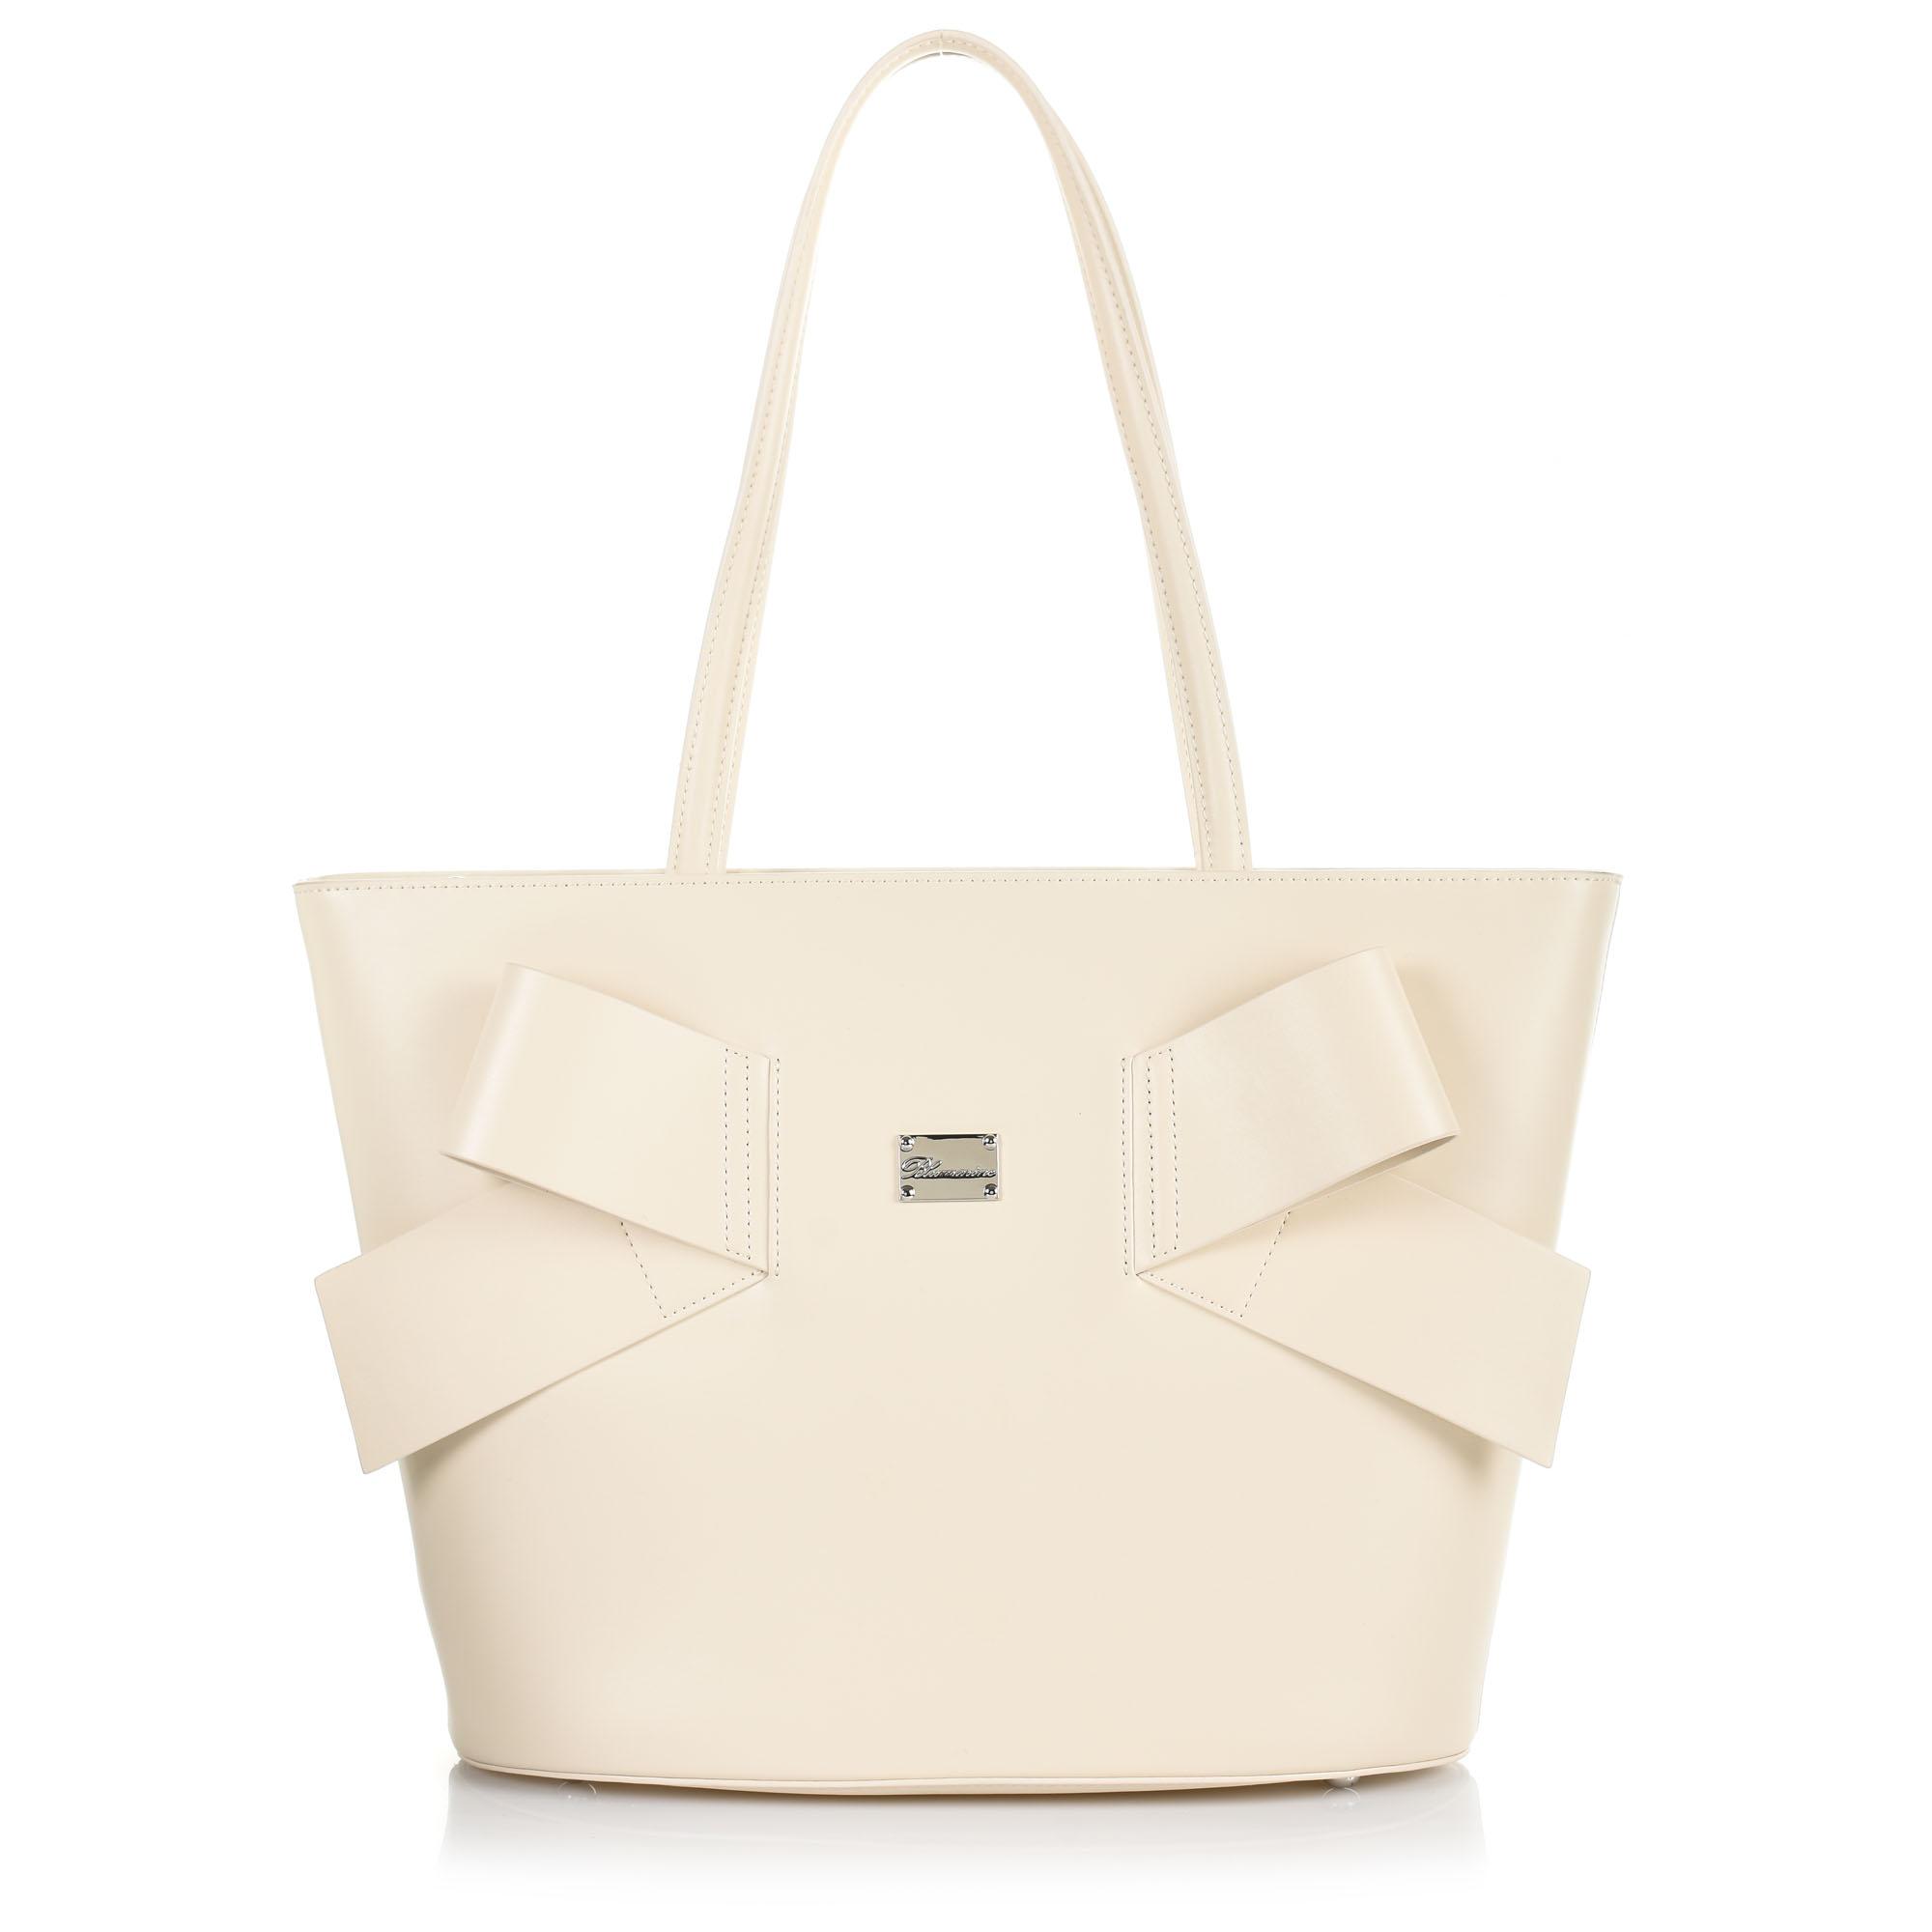 Δερμάτινη Τσάντα Ώμου Blumarine Jenny B56.007